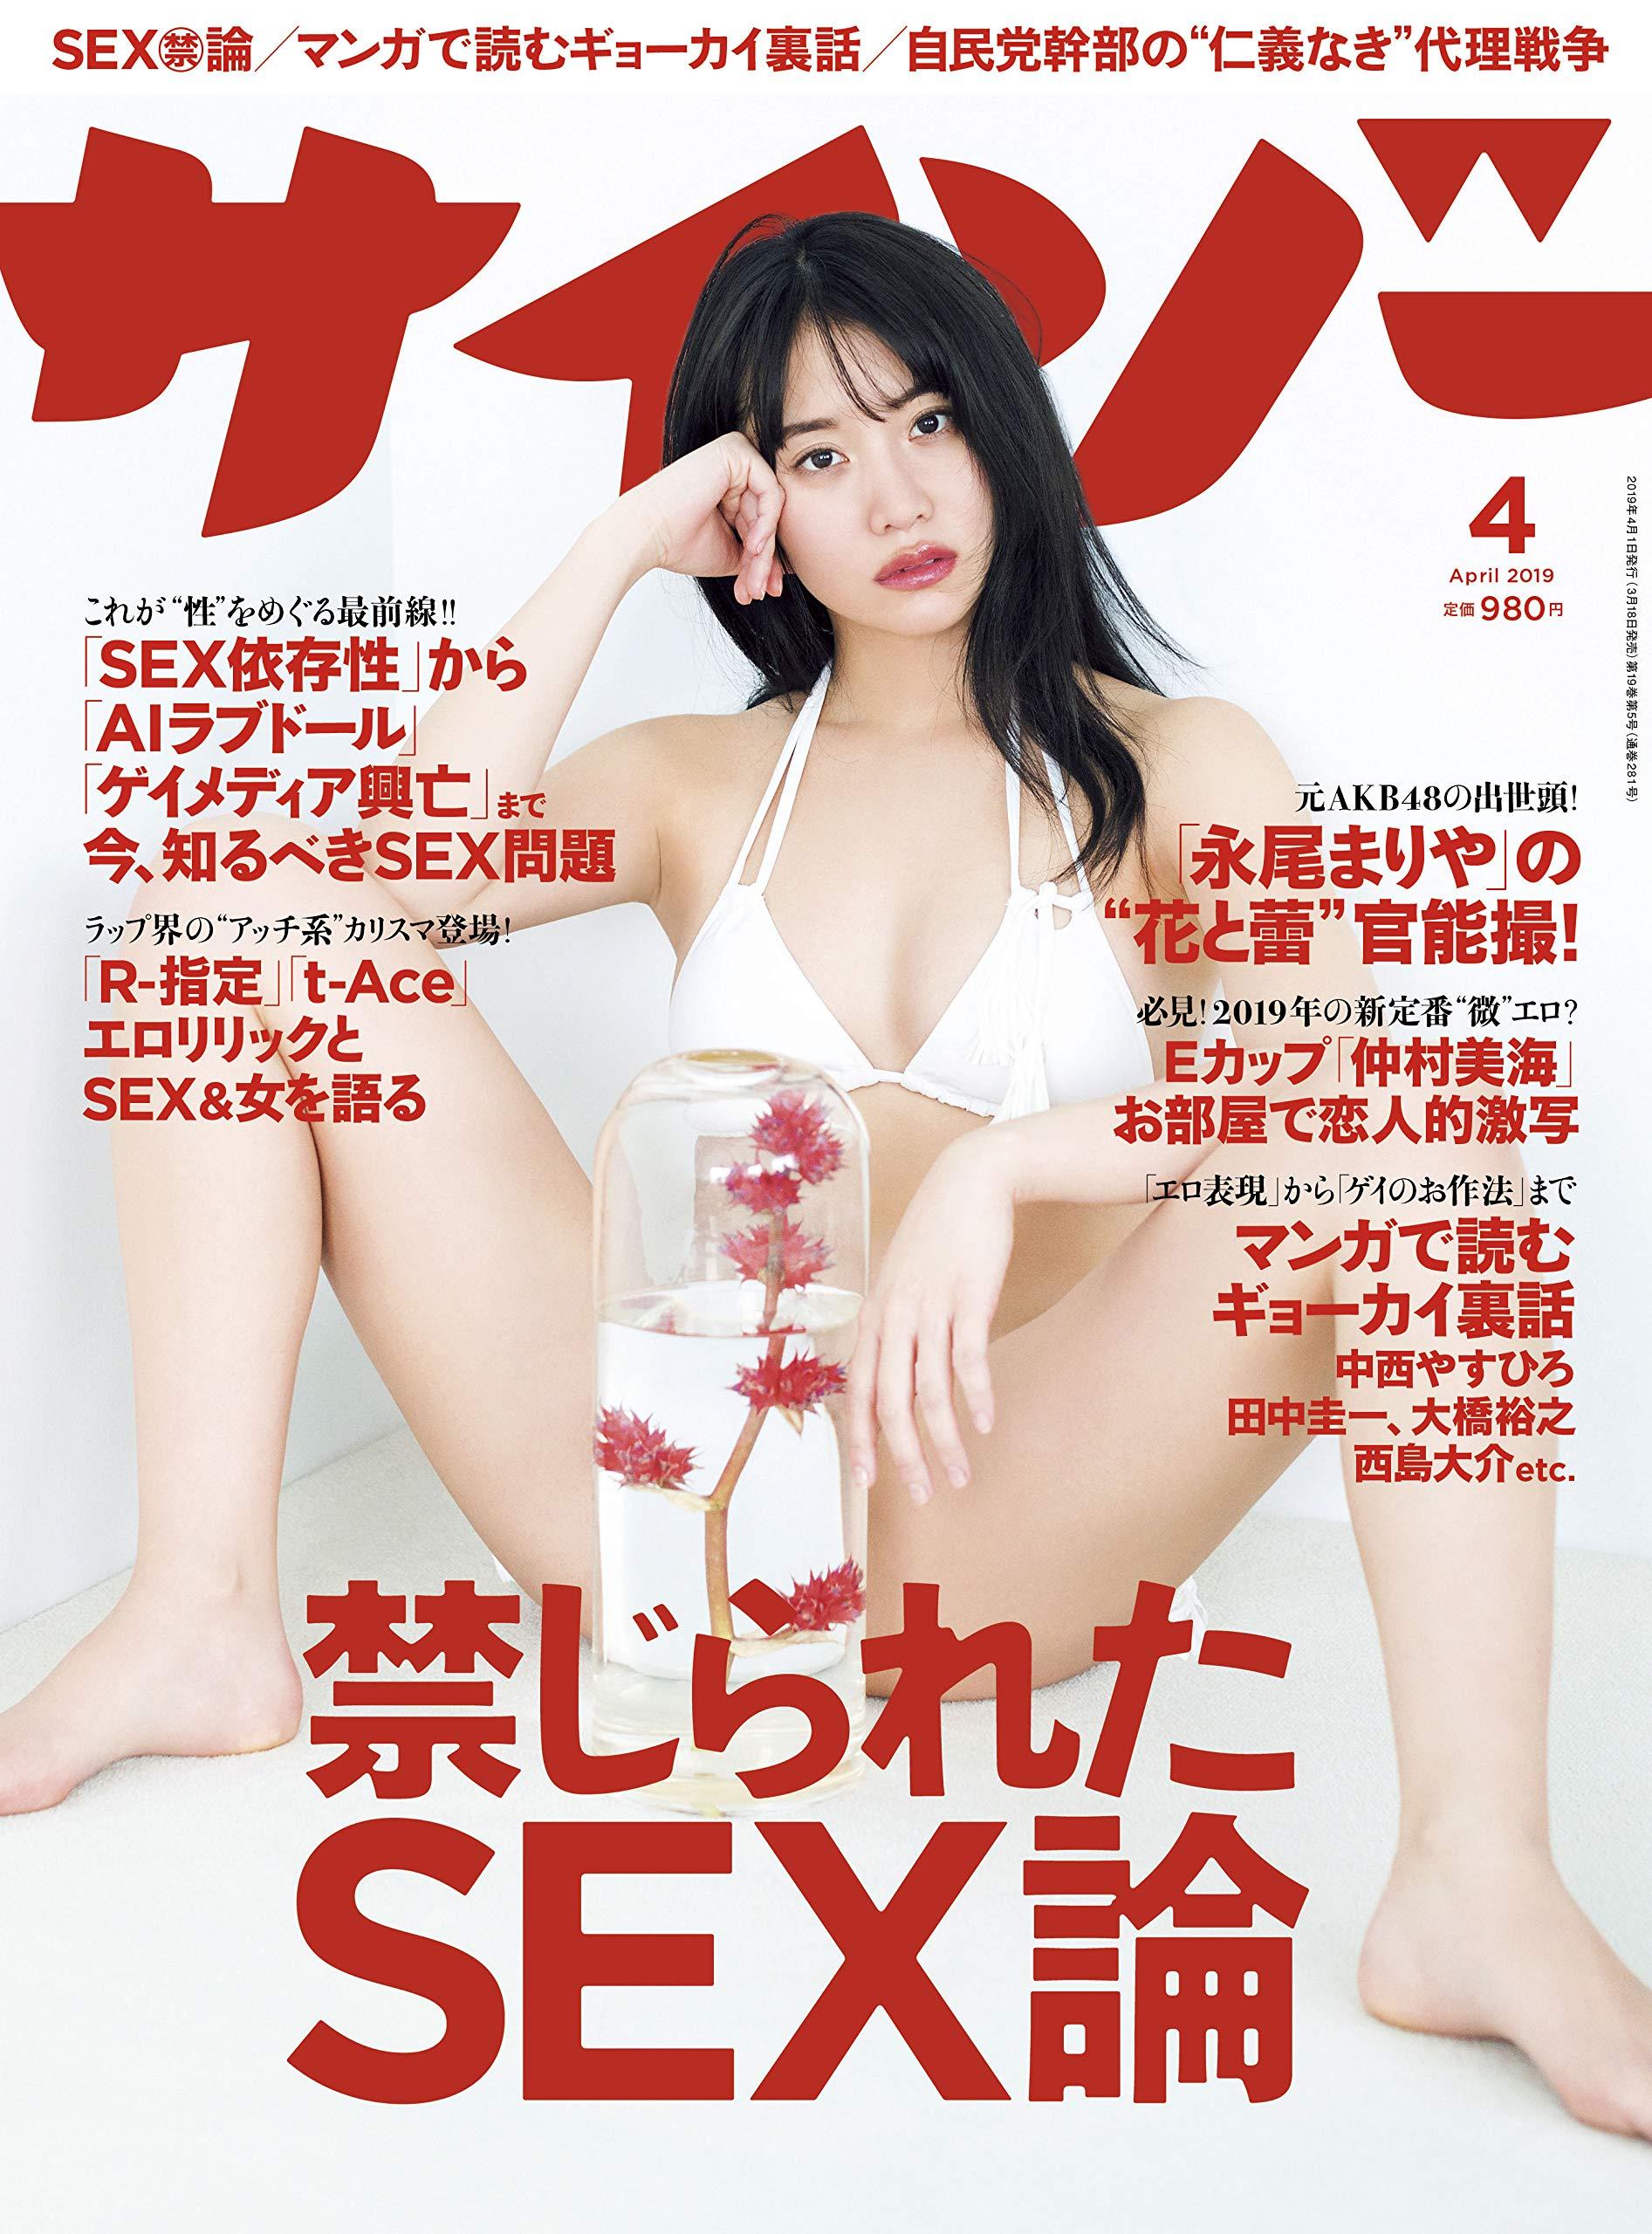 [雑誌] サイゾー 2019年04月号 [Saizo 2019-04]